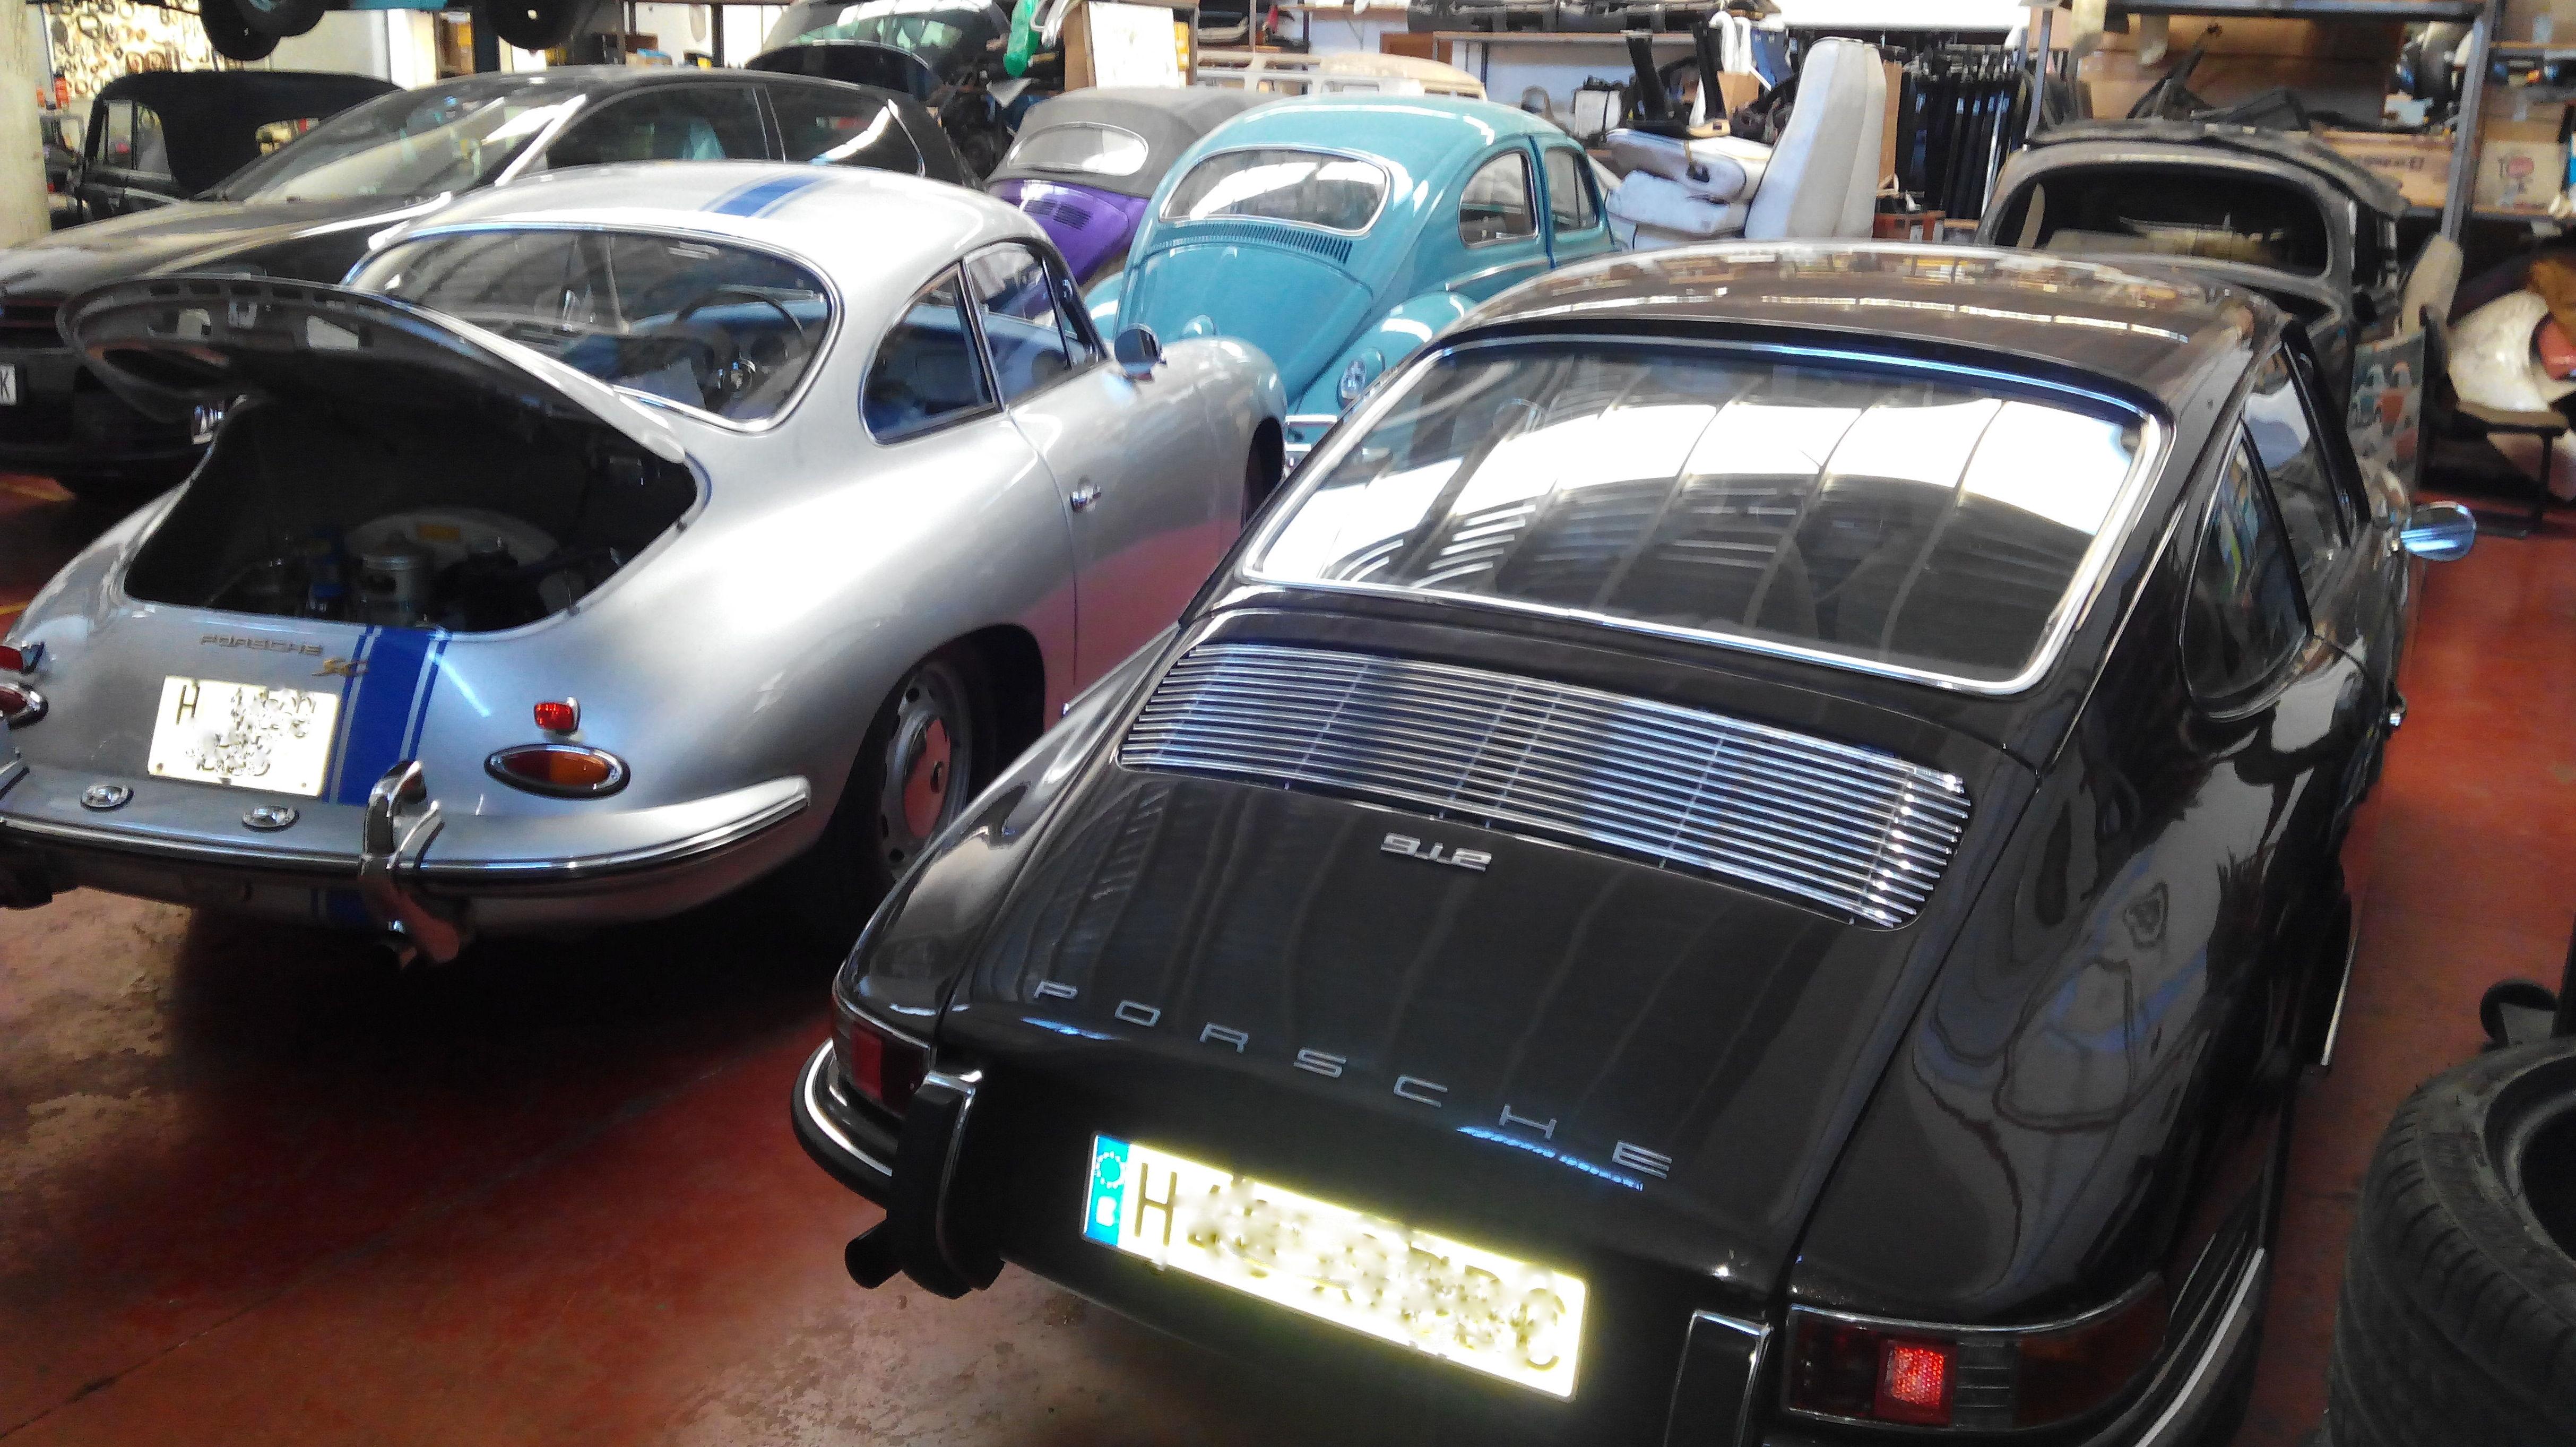 Foto 20 de Recambios y accesorios del automóvil en  | Porschebeetle Jarama